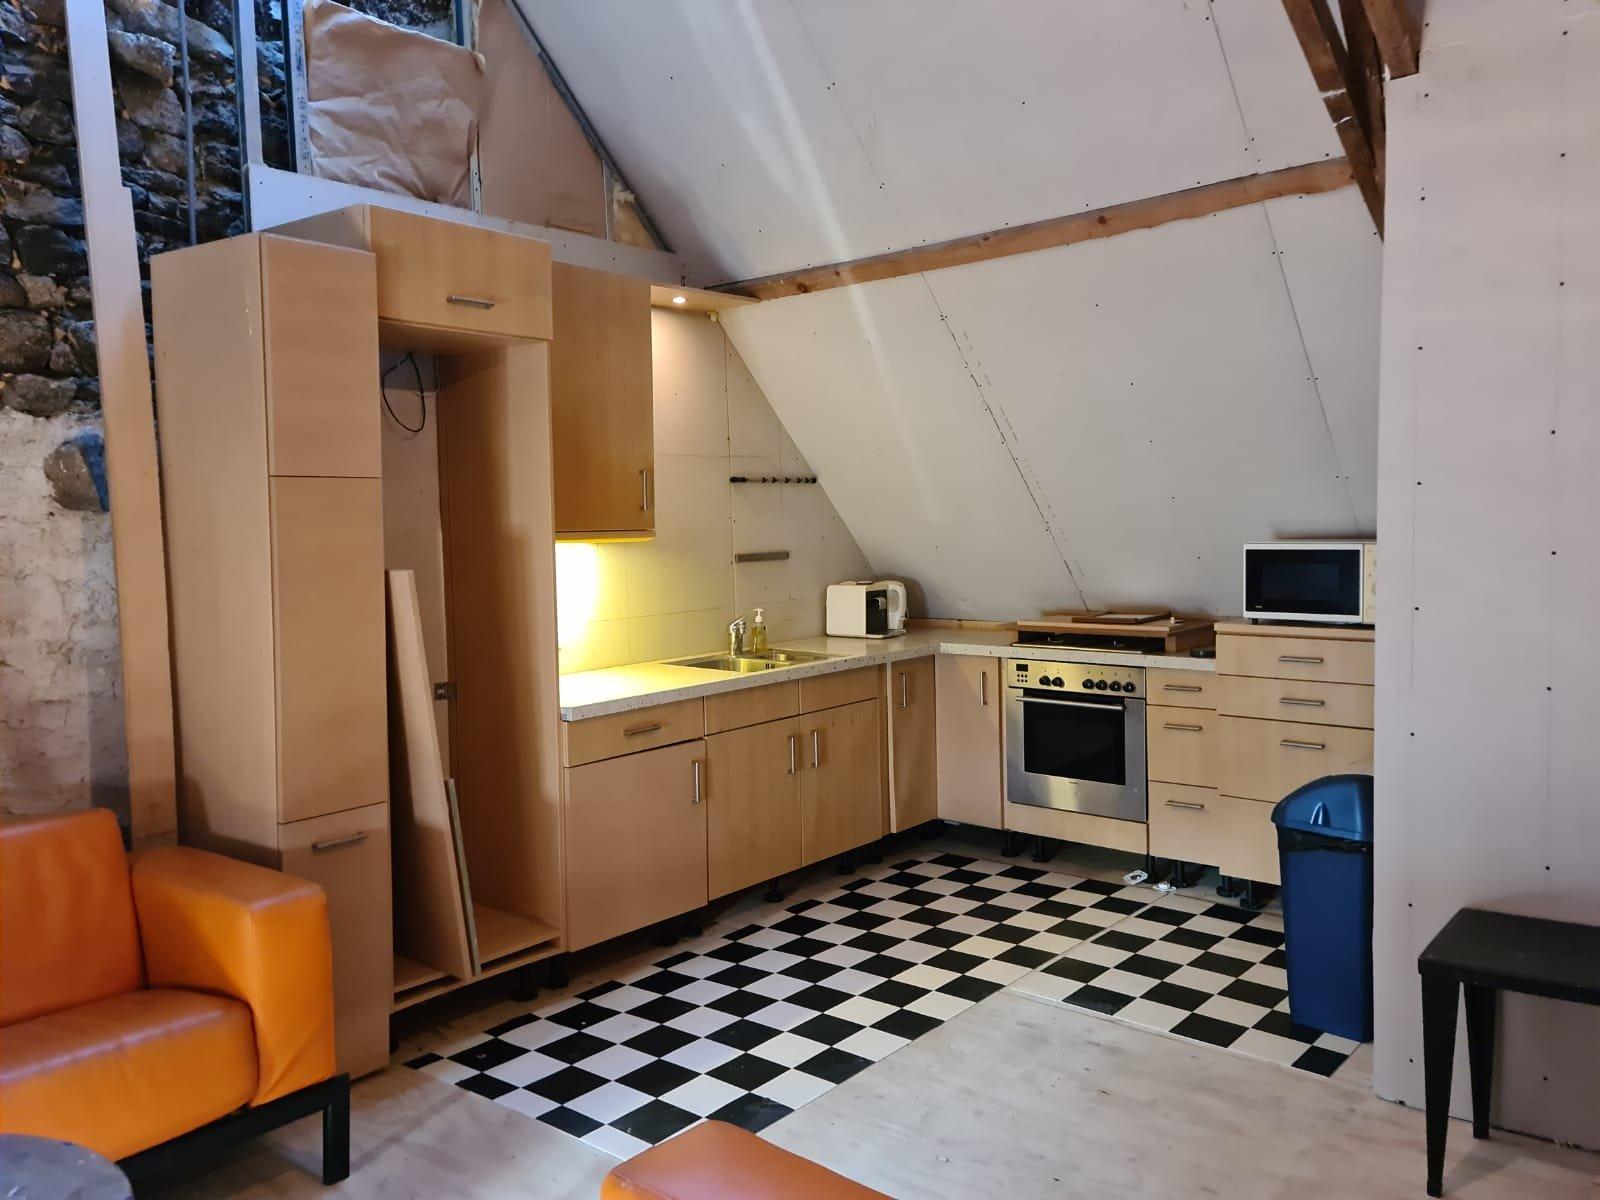 Ancien moulin à eau et habitation a vendre dans la Creuse.